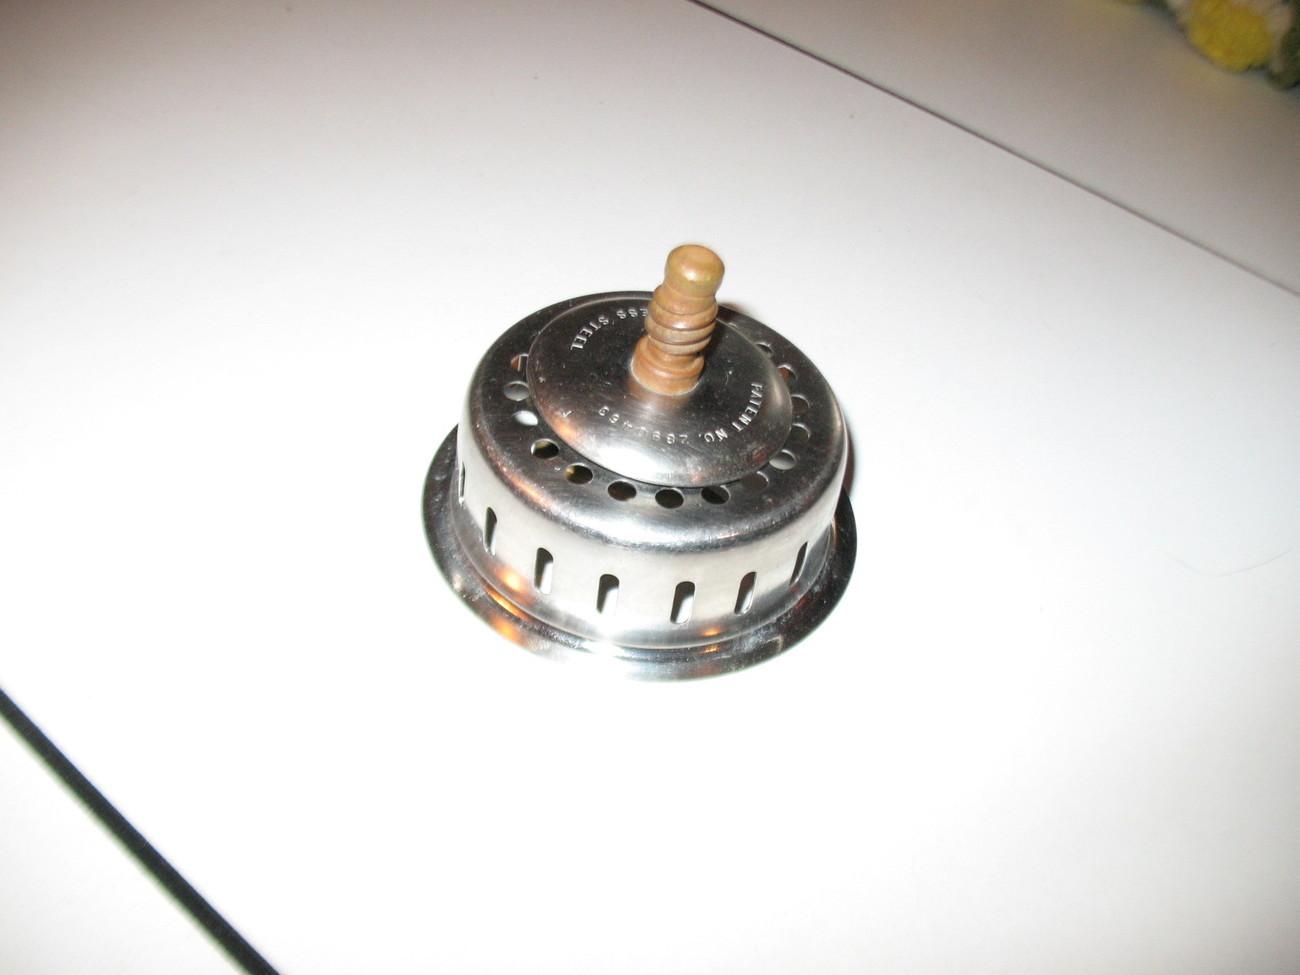 Industrial Sink Drain : Stainless Steel Drain plug basket strainer Industrial sink